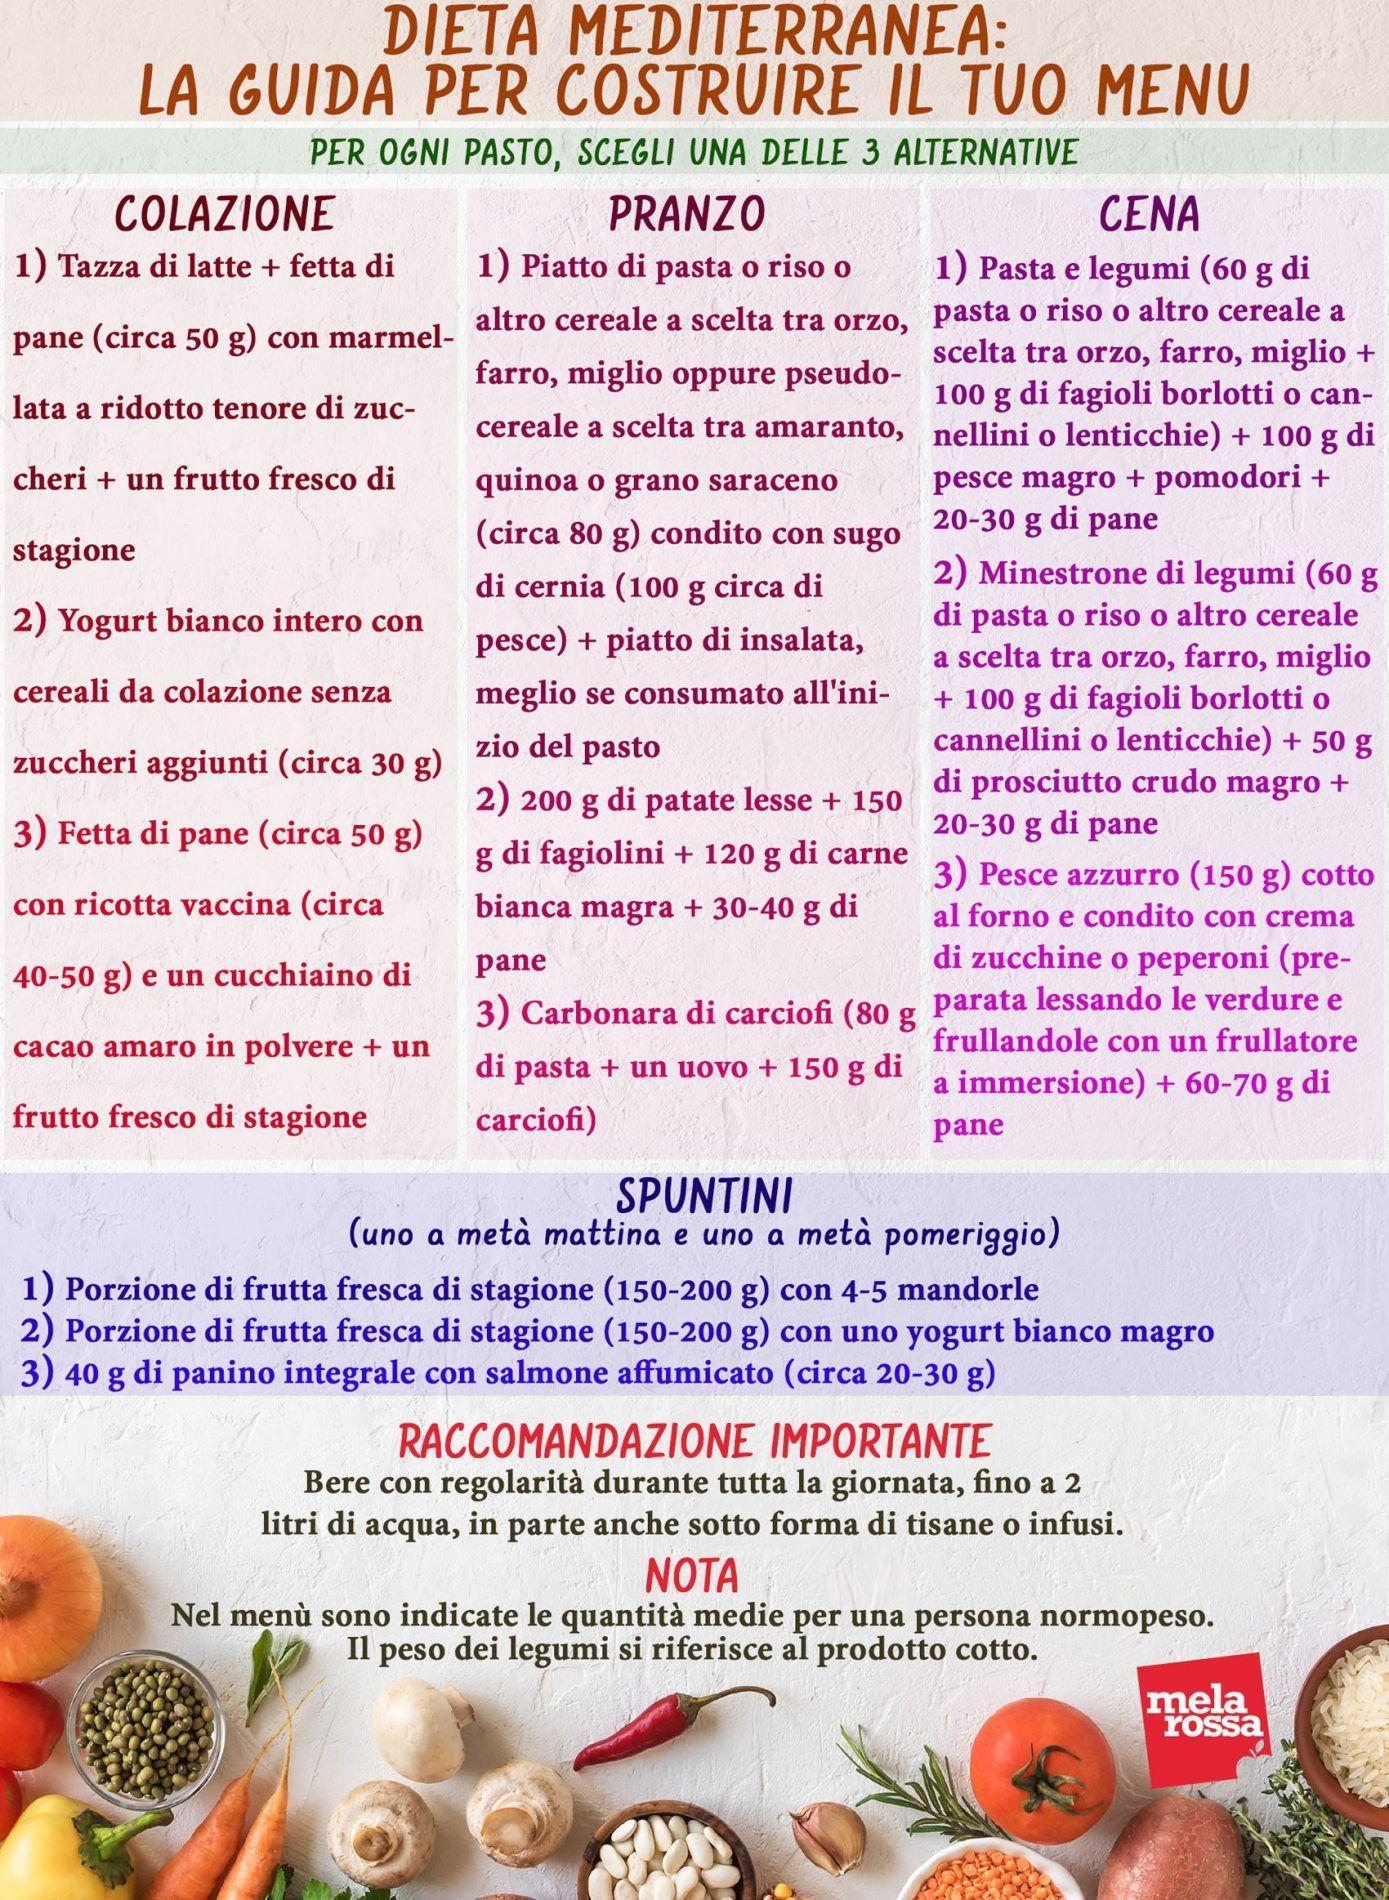 Dieta Mediterranea La Guida Completa Di Melarossa Dieta Mediterranea Dieta Pasti Per Mangiare Sano